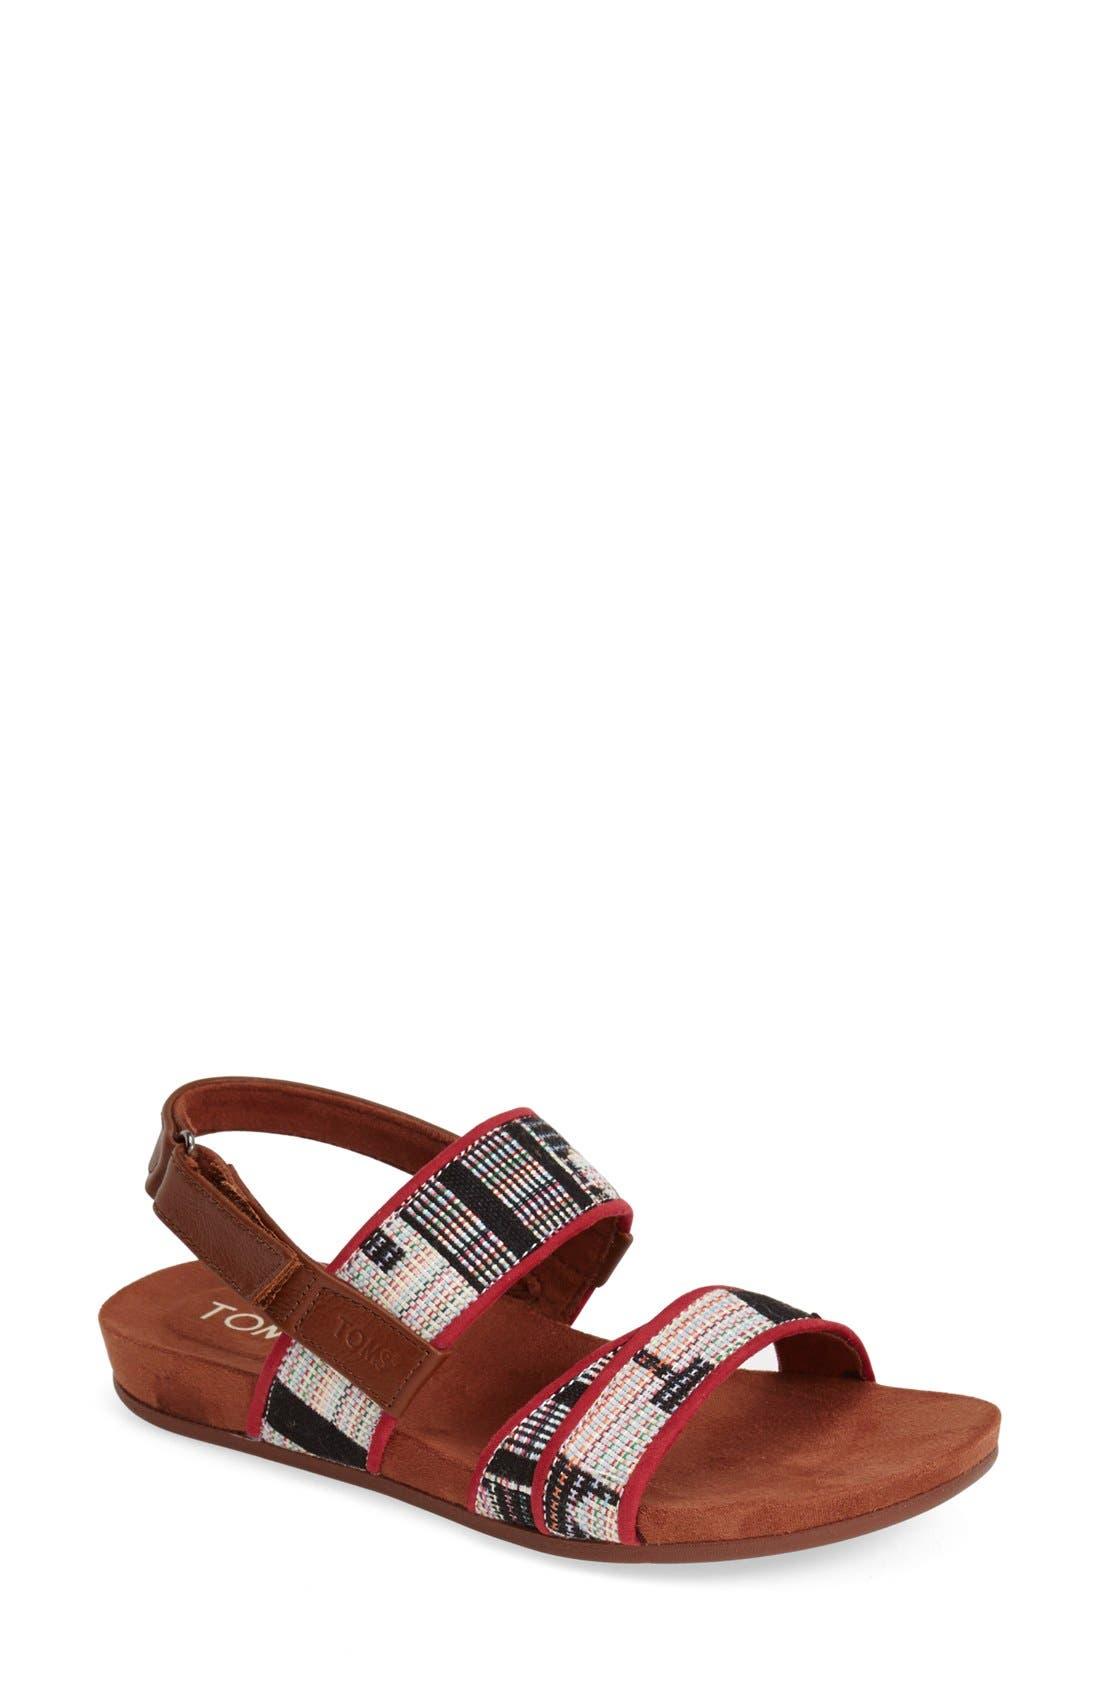 Main Image - TOMS 'Tierra' Woven Sandal (Women)